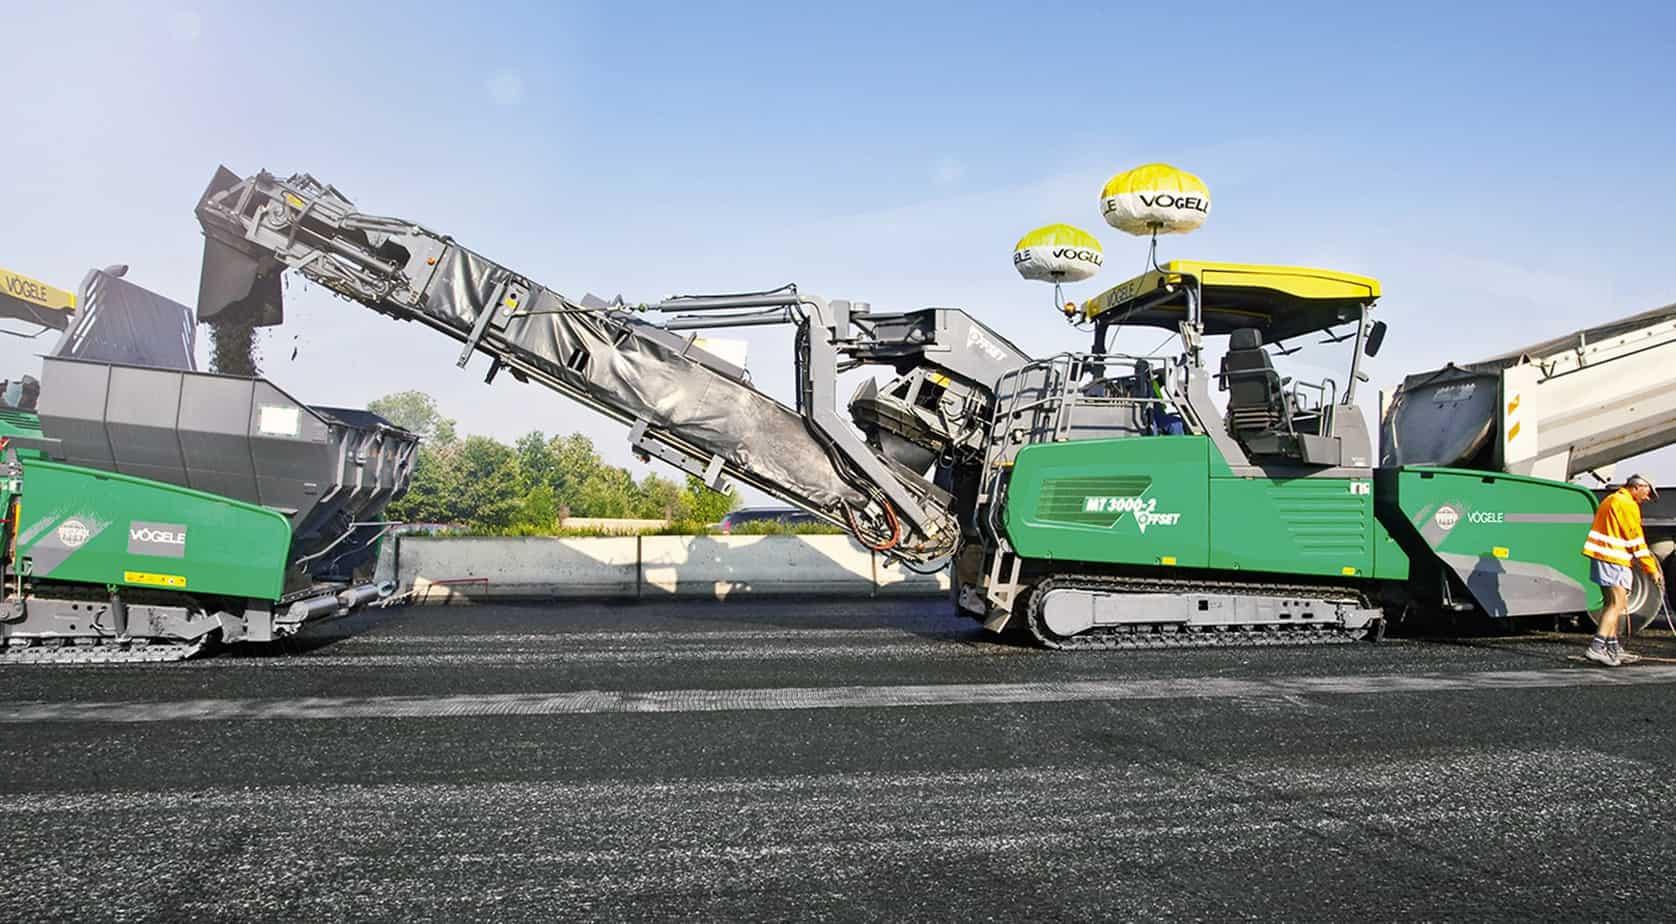 Il potente sistema convogliatore dei Power Feeder Vögele MT 3000-2 Standard ed MT 3000-2 Offset è in grado di immagazzinare fino a 40 t di conglomerato e di movimentare fino a 1200 t di conglomerato all'ora